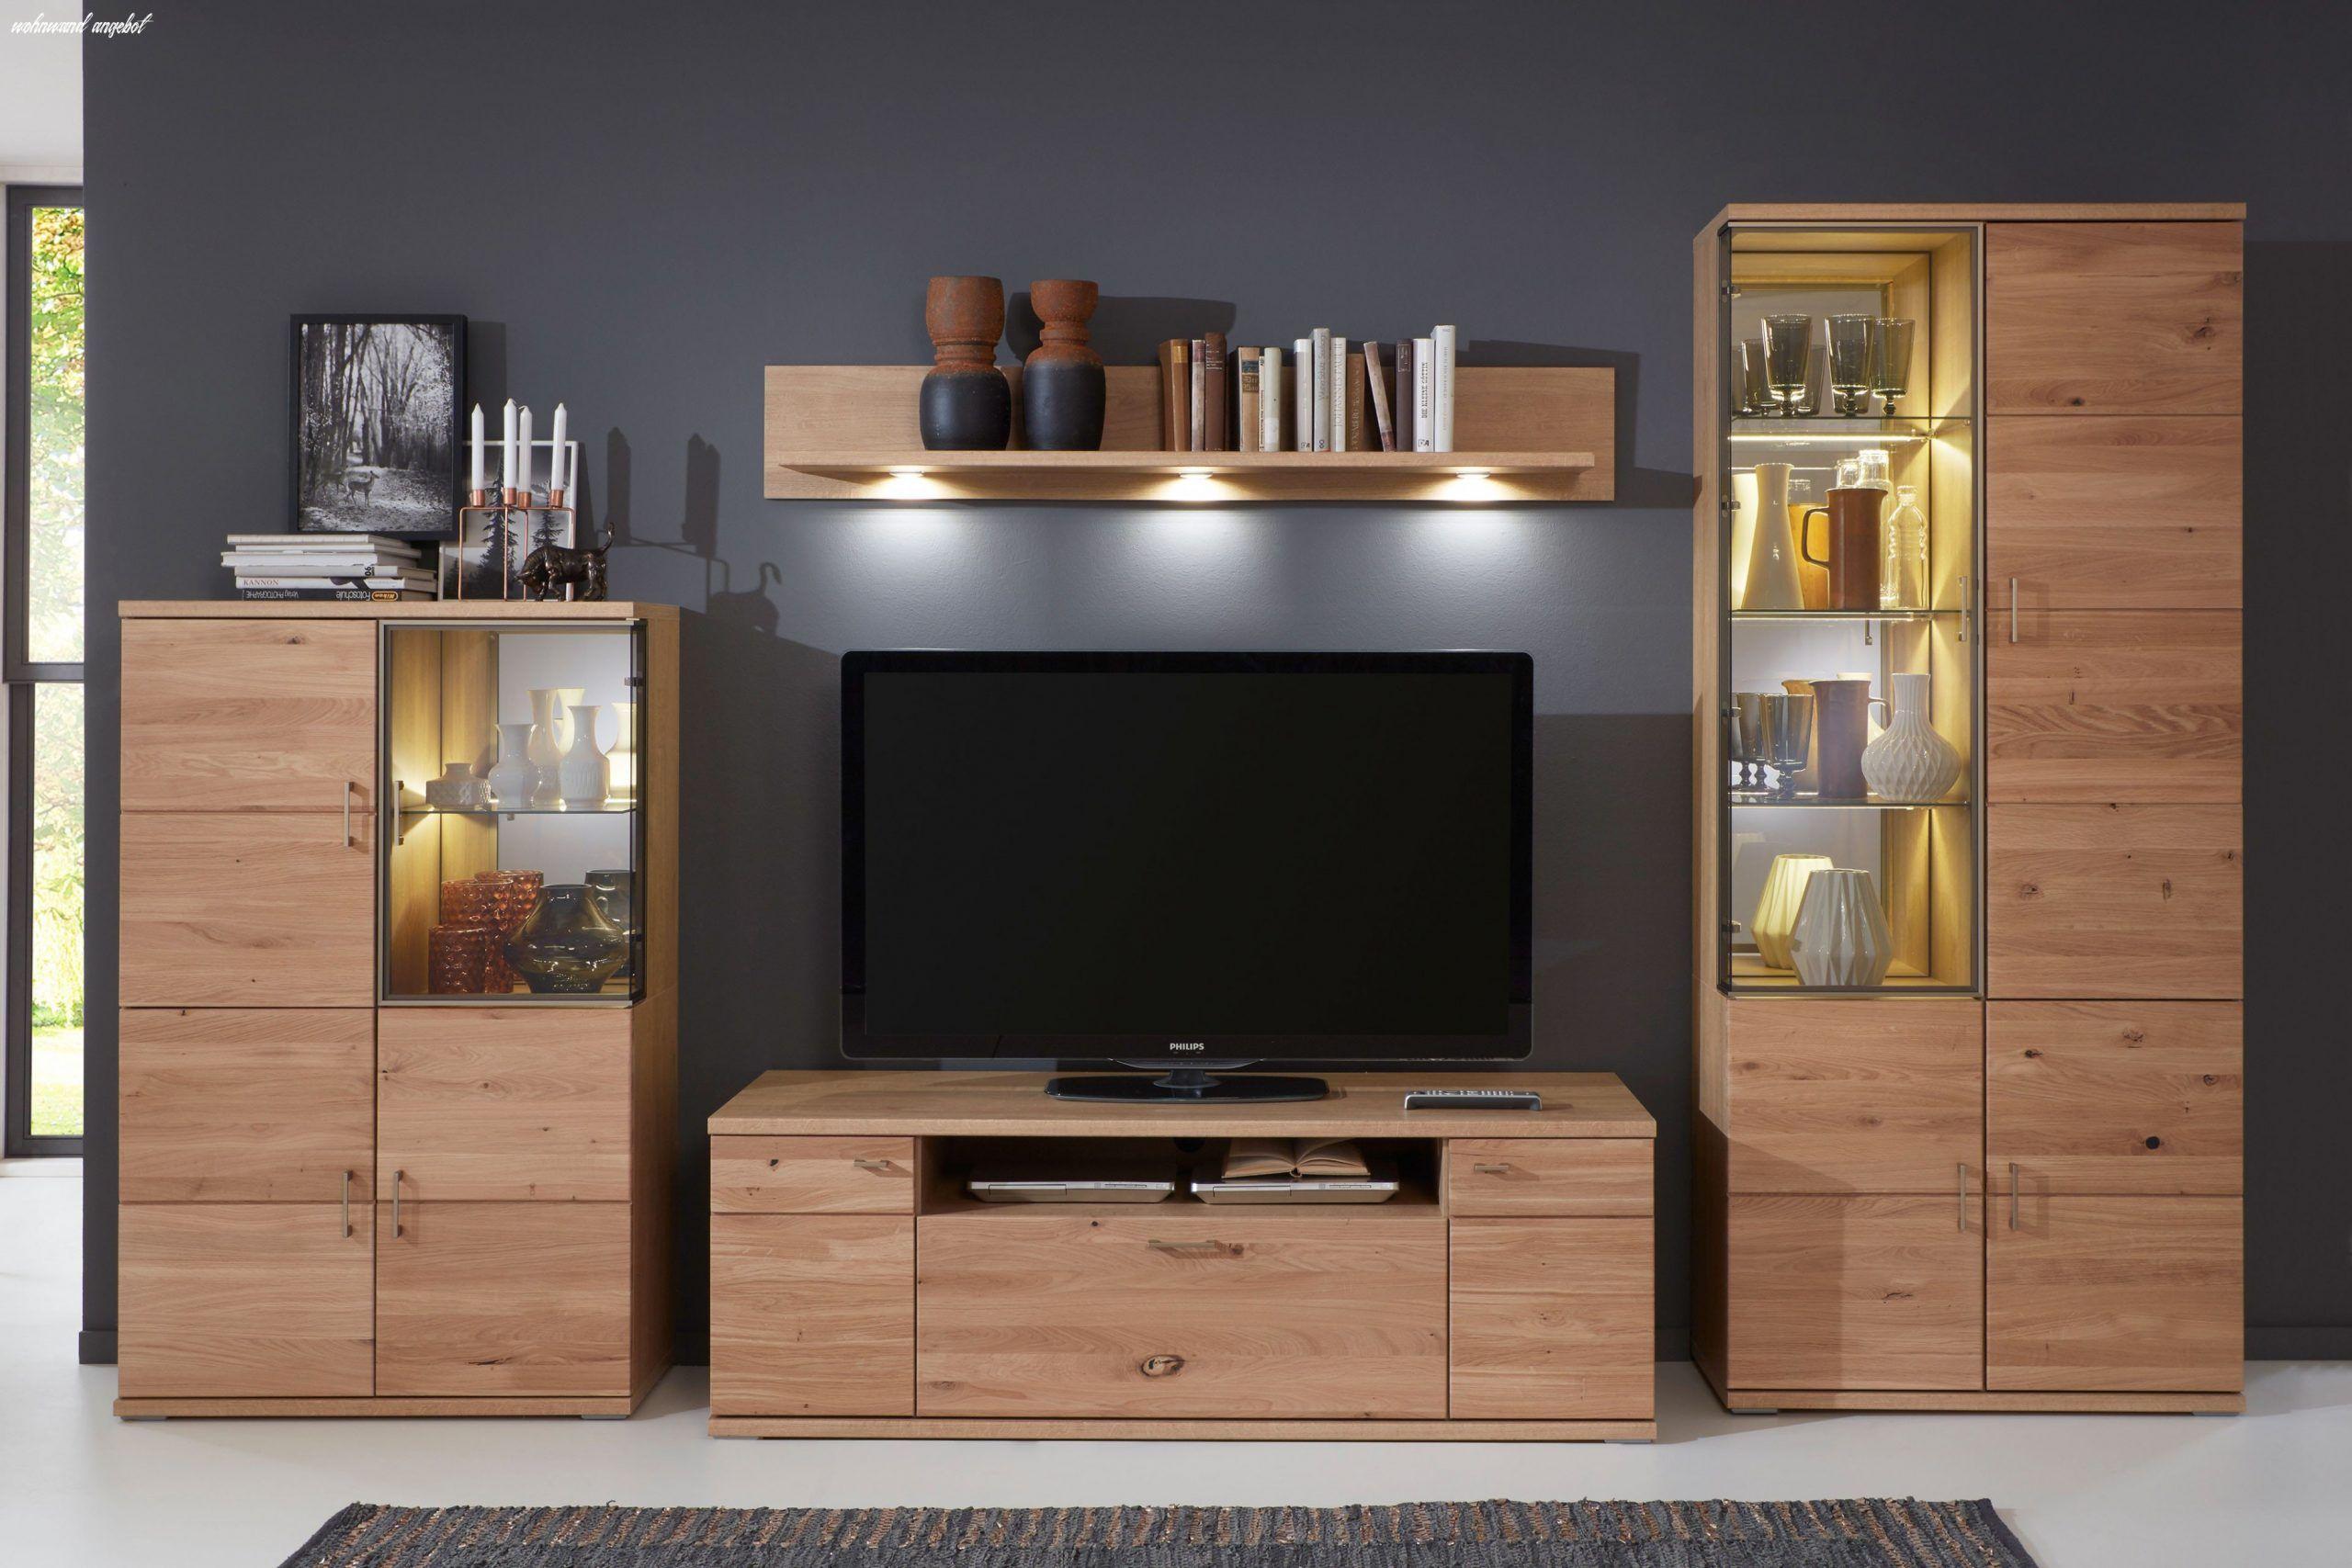 Die Schlechtesten Ratschläge Die Wir Für Wohnwand Angebote Gehört Haben Wohnen Wohnwand Billige Möbel